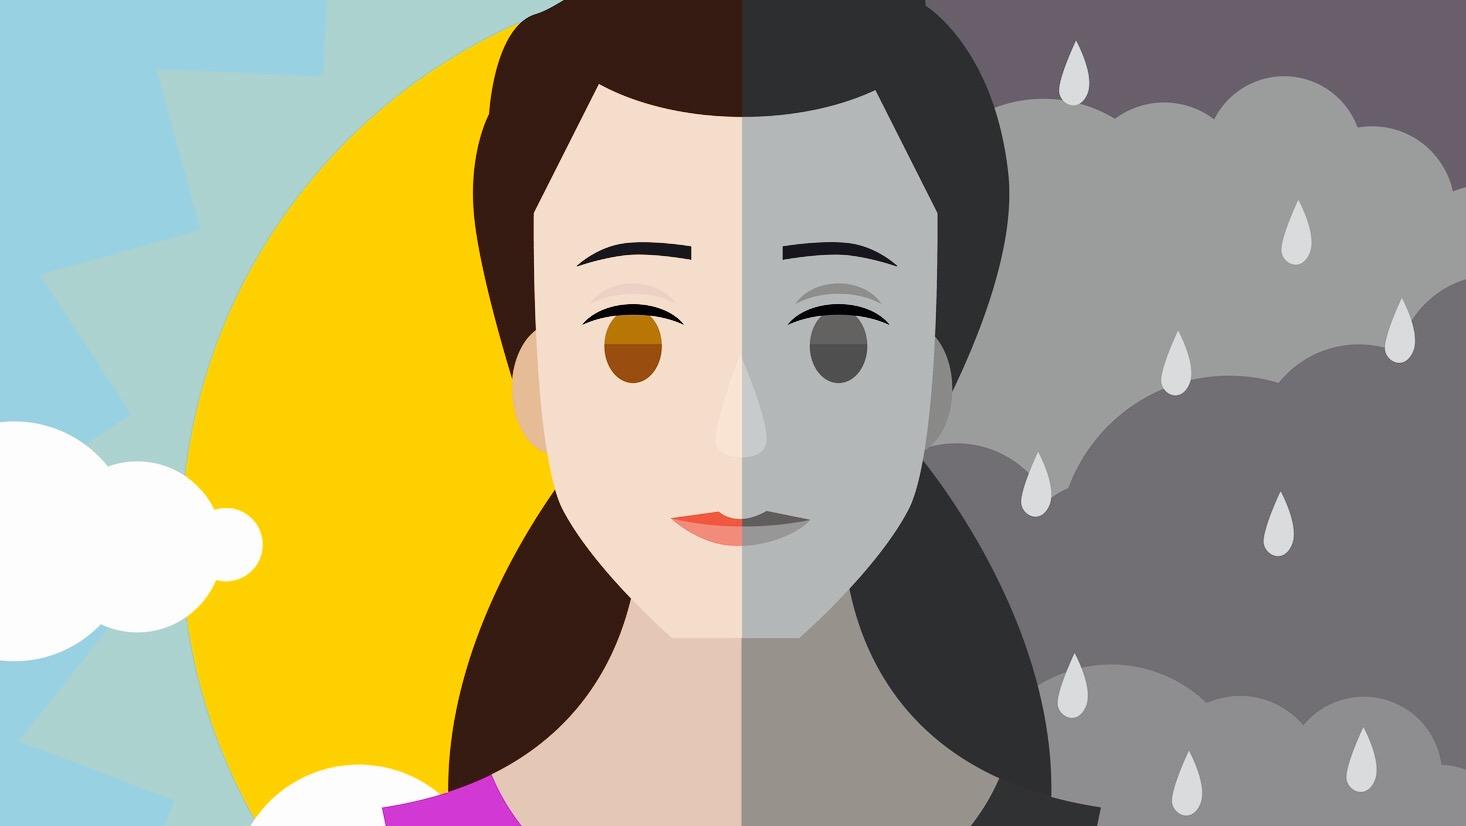 Izbor riječi je veoma bitan! Ovo su razlike kada biramo prave i pogrešne riječi u životu.